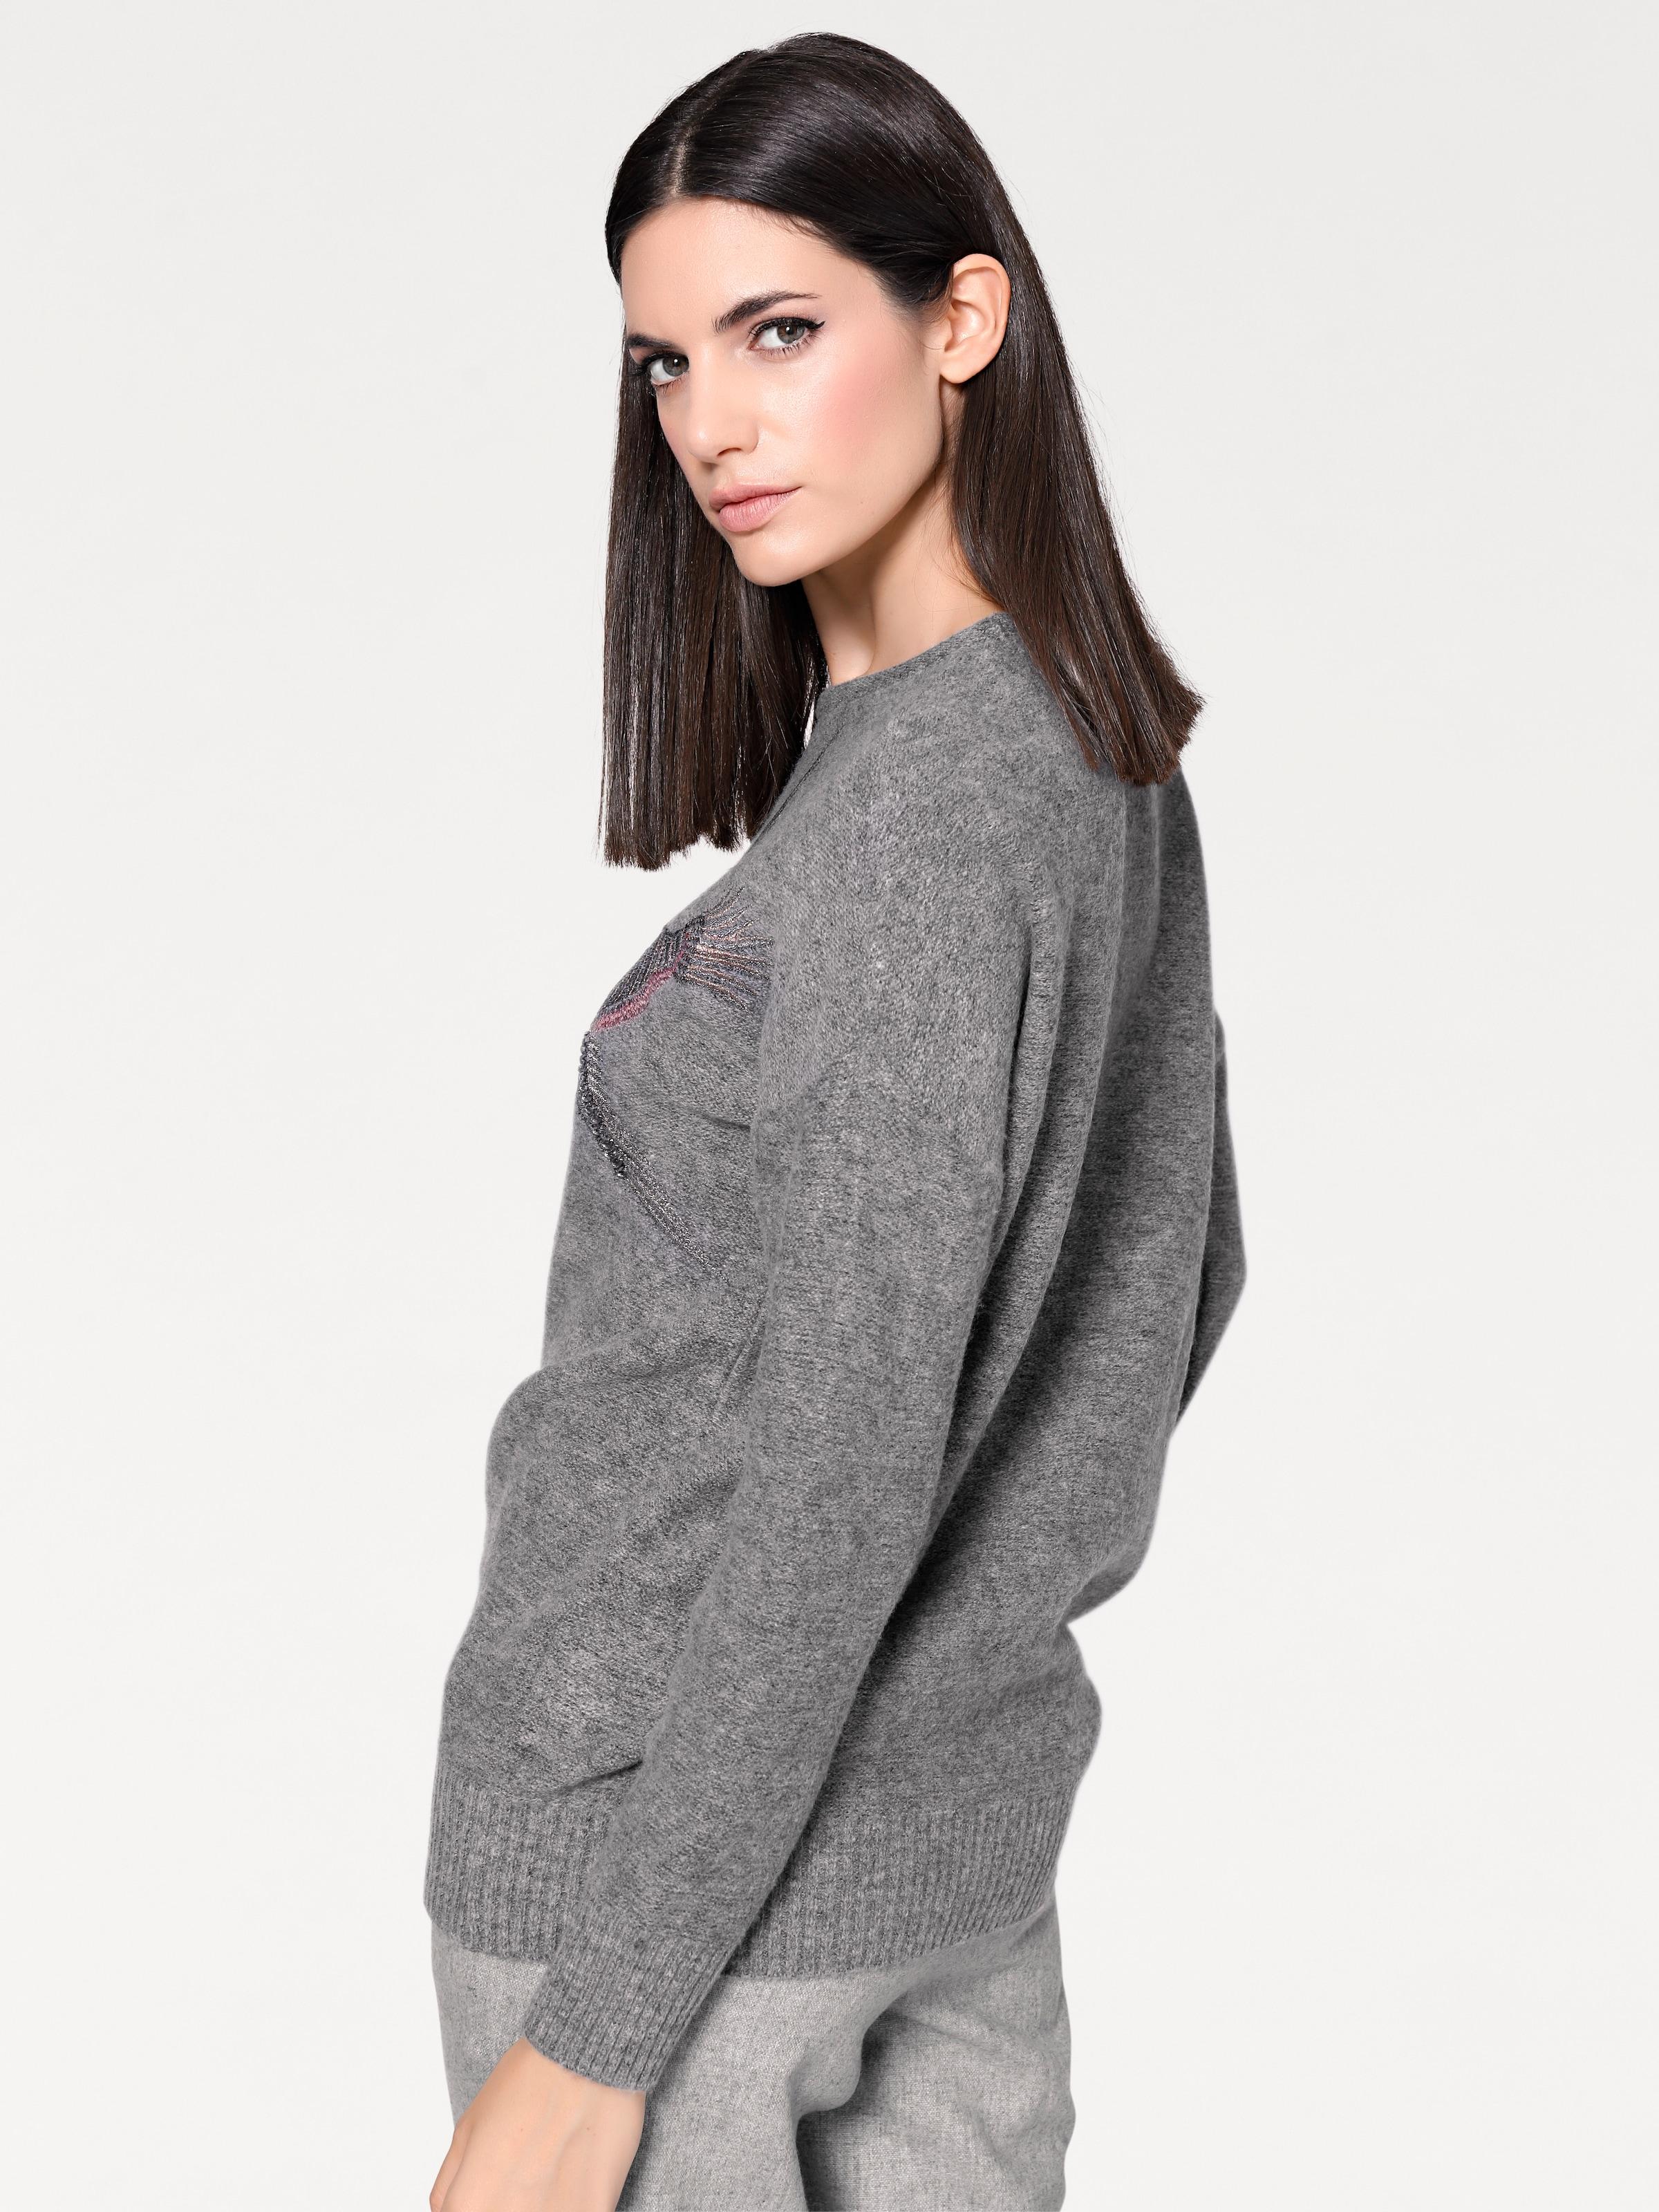 Graumeliert Pullover Heine Pullover Heine In Pullover Graumeliert In Heine FKc5ul31JT